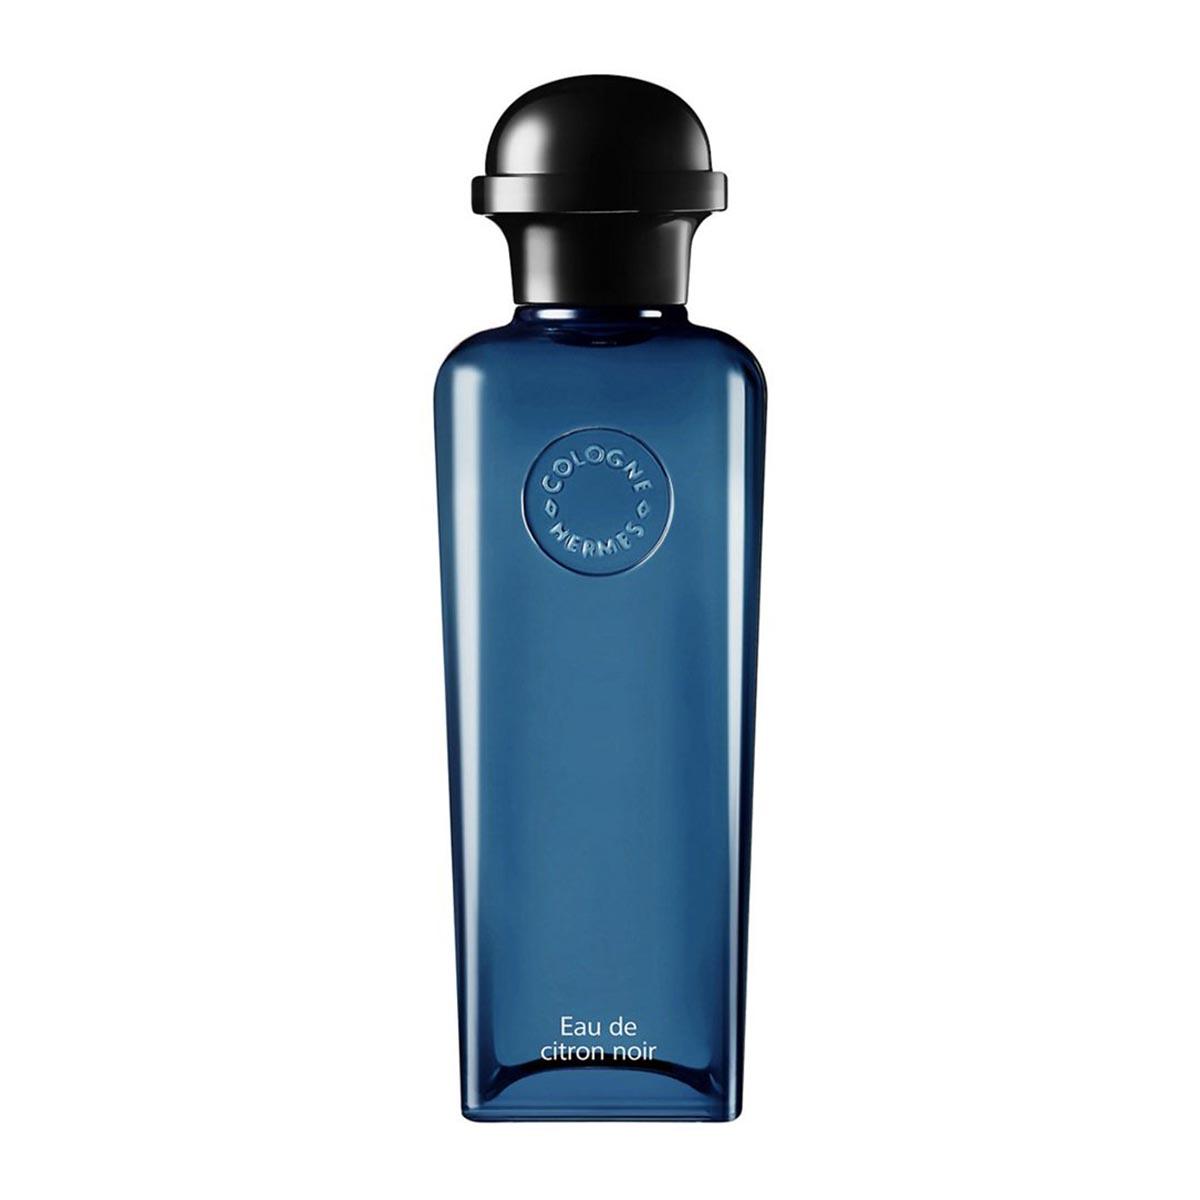 Hermes eau de citron noir eau de cologne 200ml vaporizador